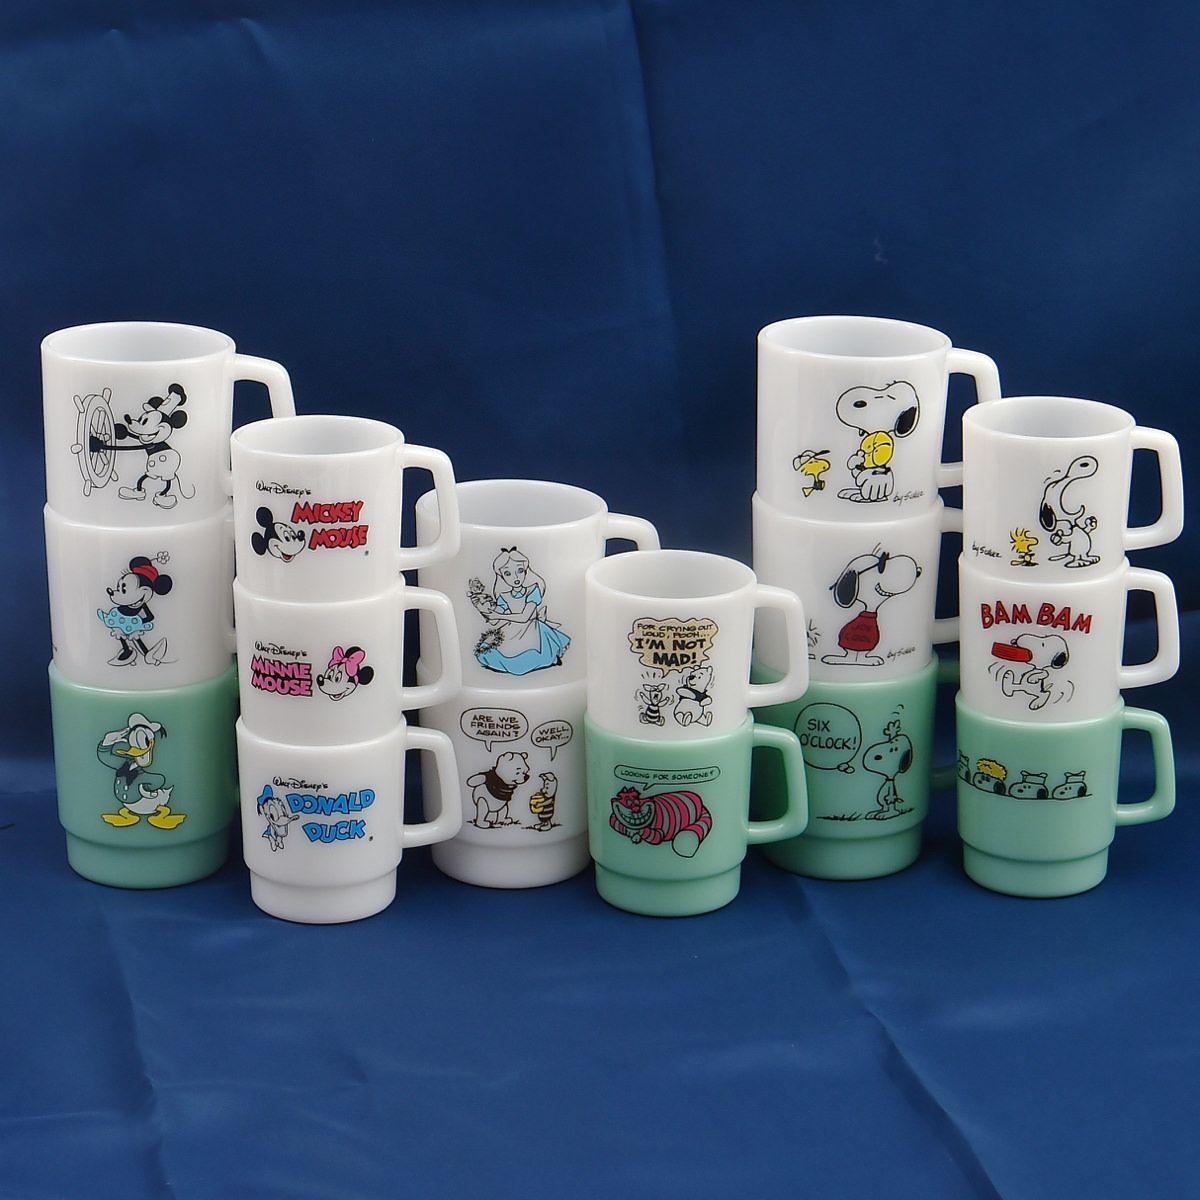 ディズニー・スヌーピーのかわいいコップ型!サンスター文具「ペンスタンド」ミッキー、ミニー、ドナルド、プーさん、アリス、ス